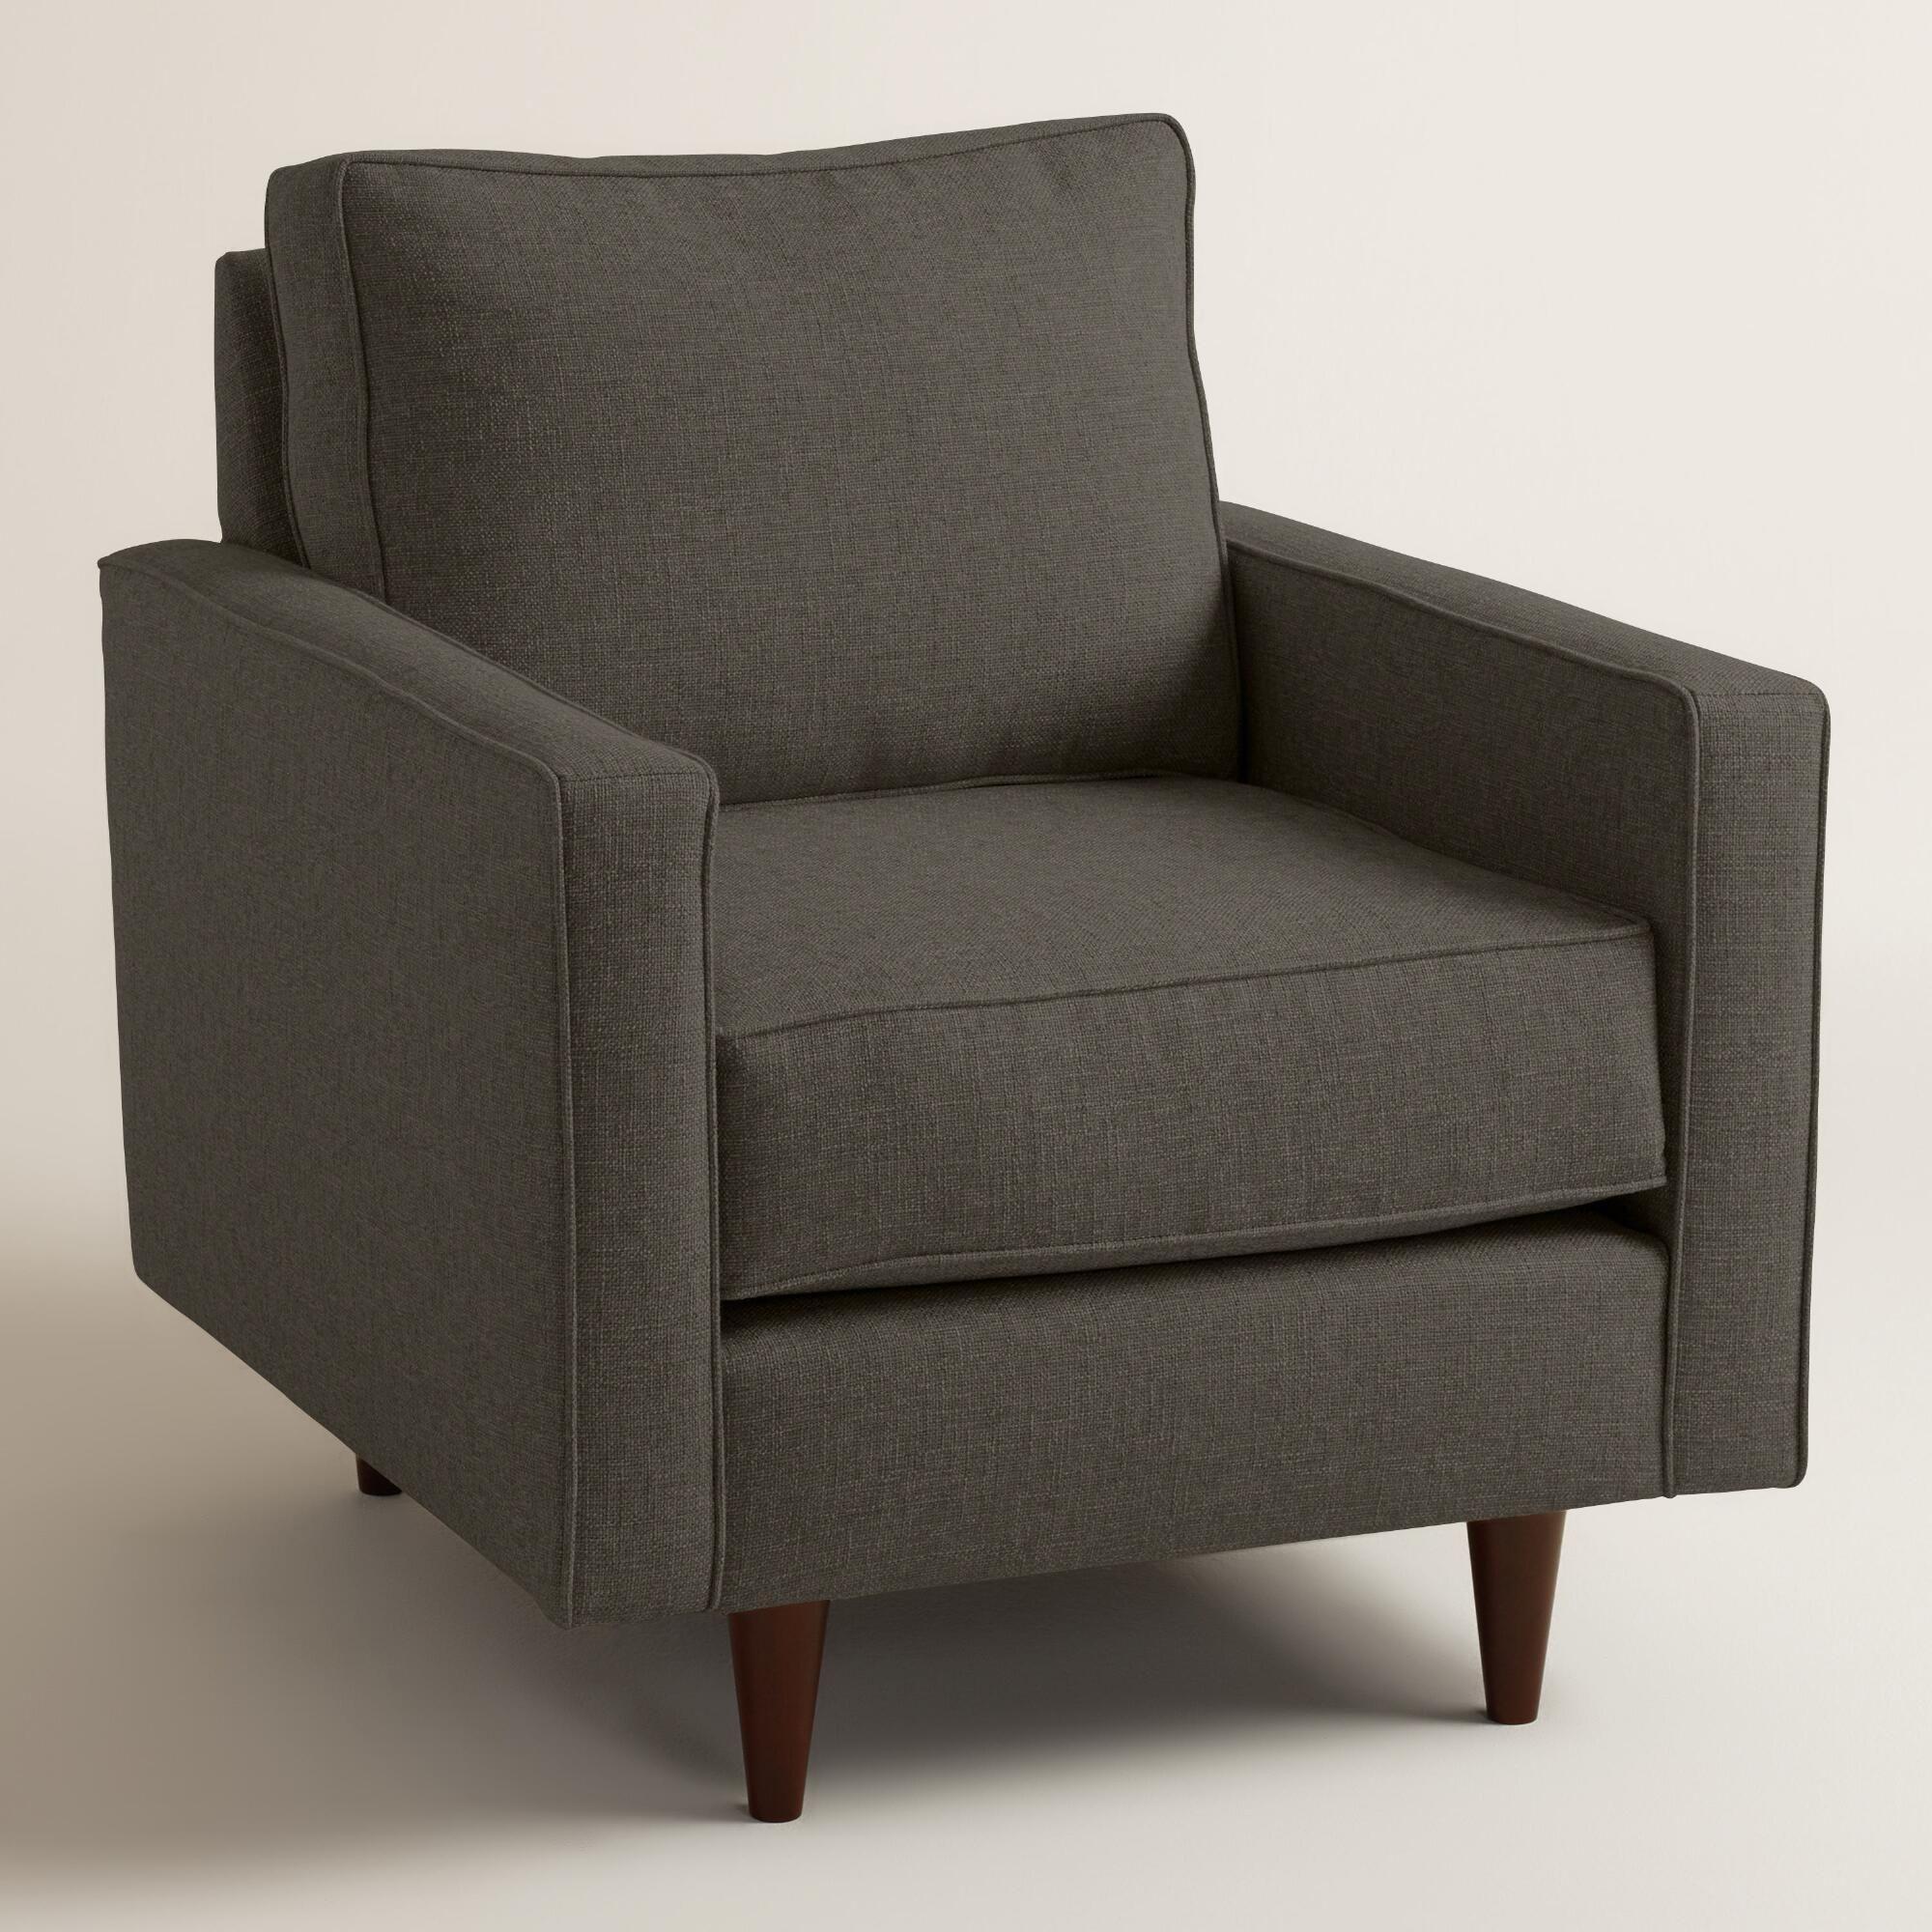 Chunky Woven Nashton Upholstered Chair